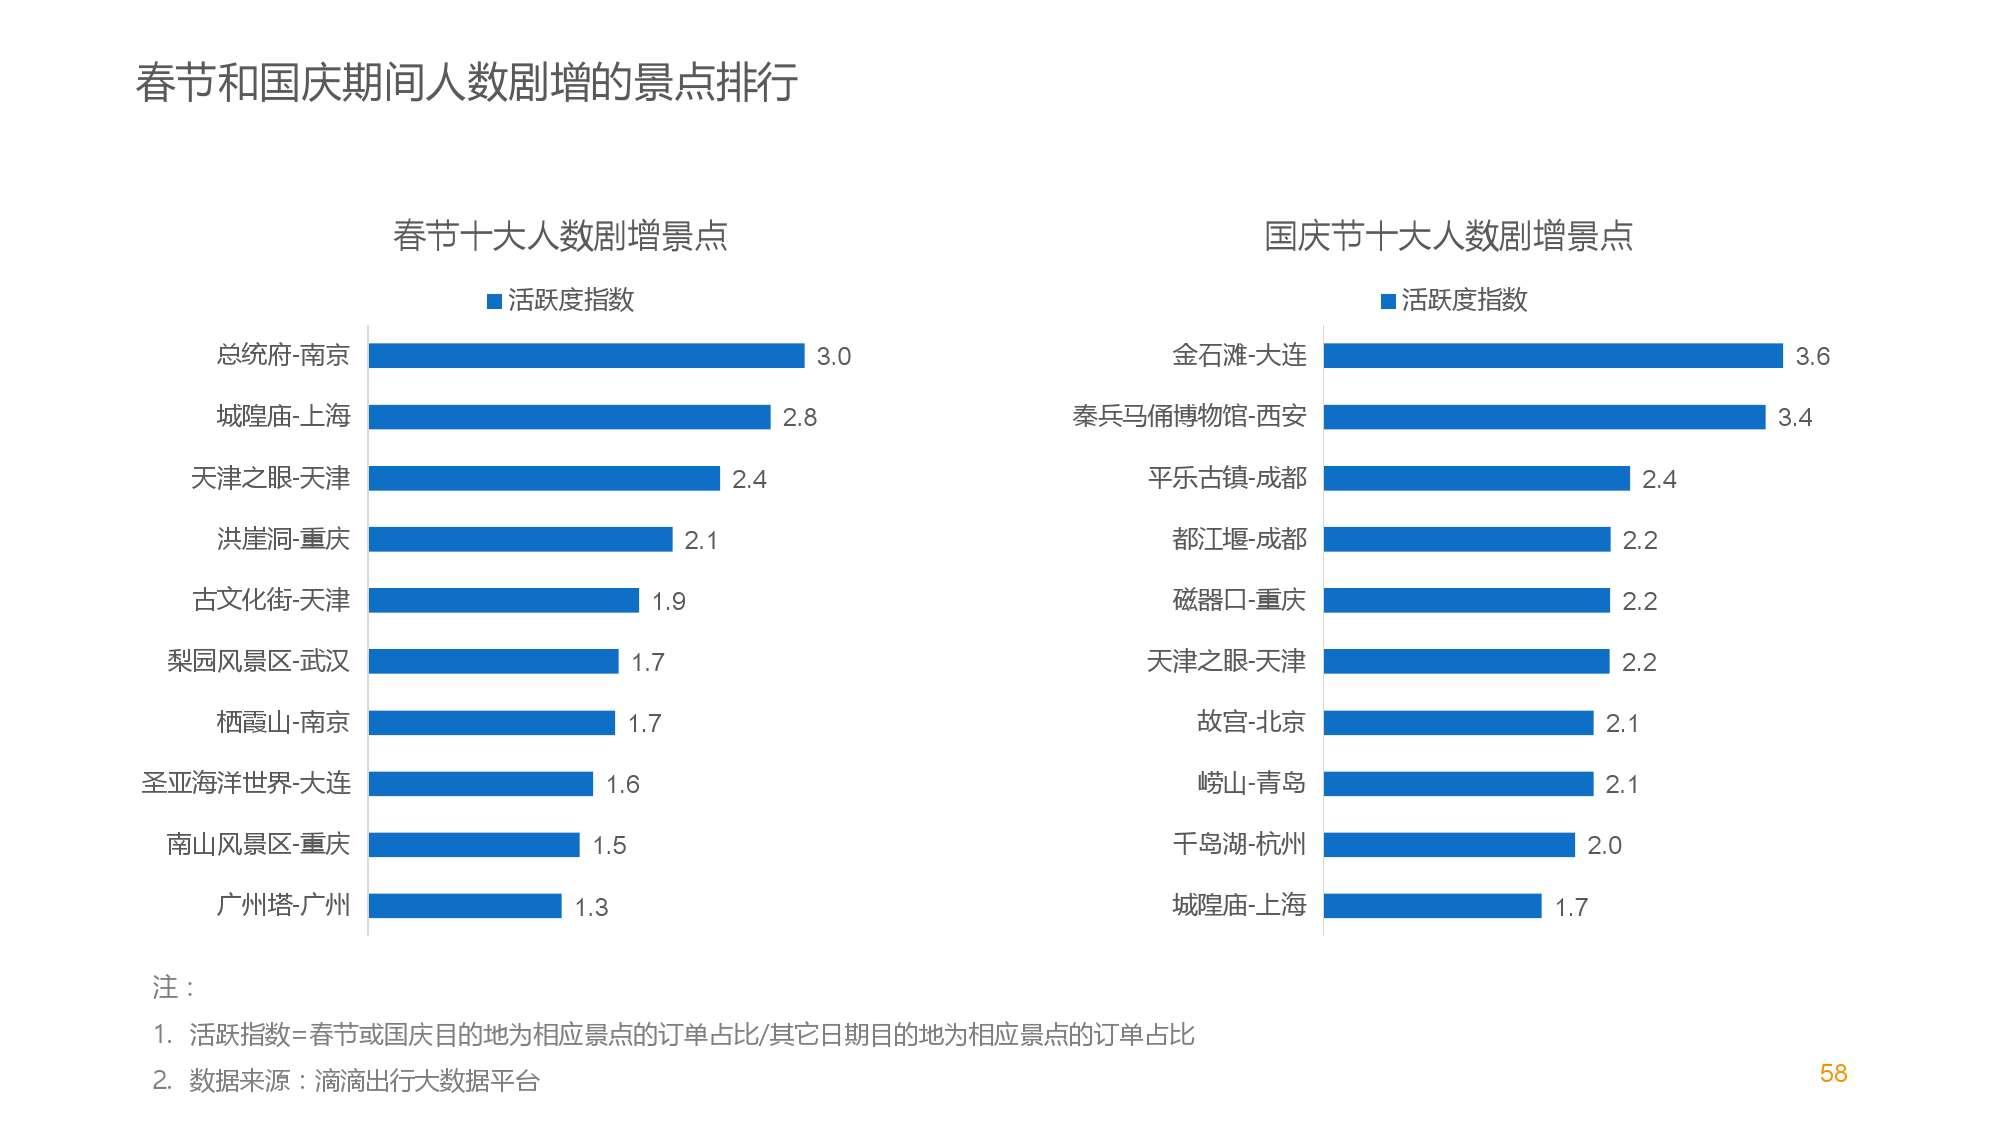 中国智能出行2015大数据报告_000058